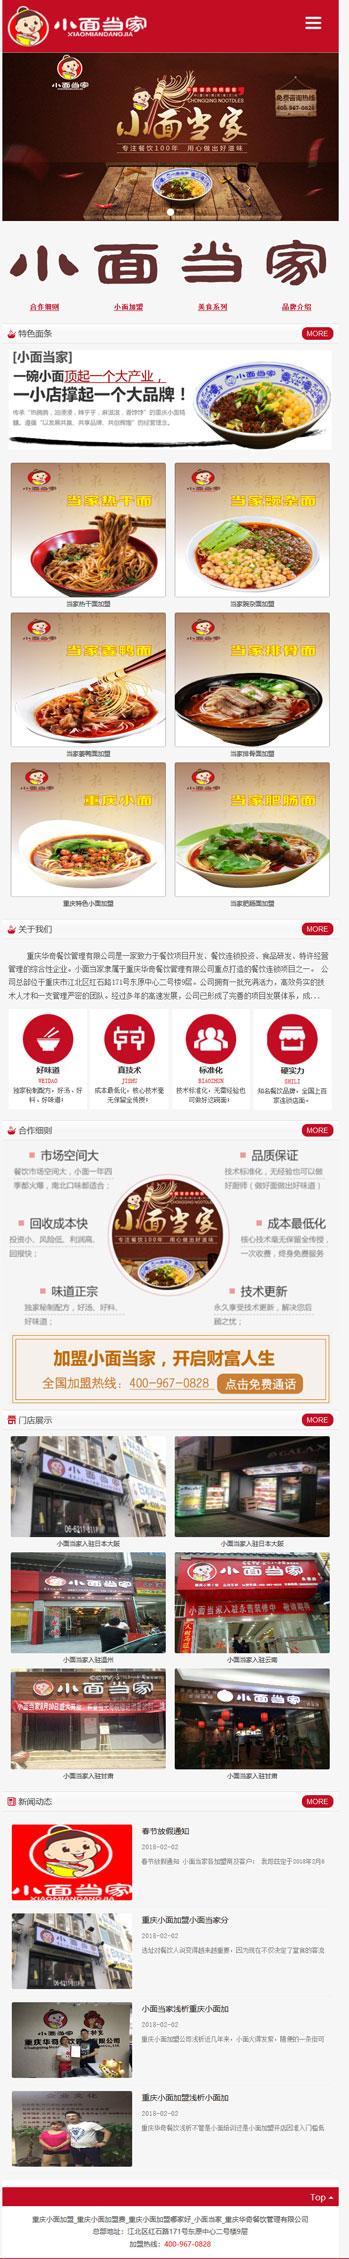 重庆小面当家加盟公司网站建设案